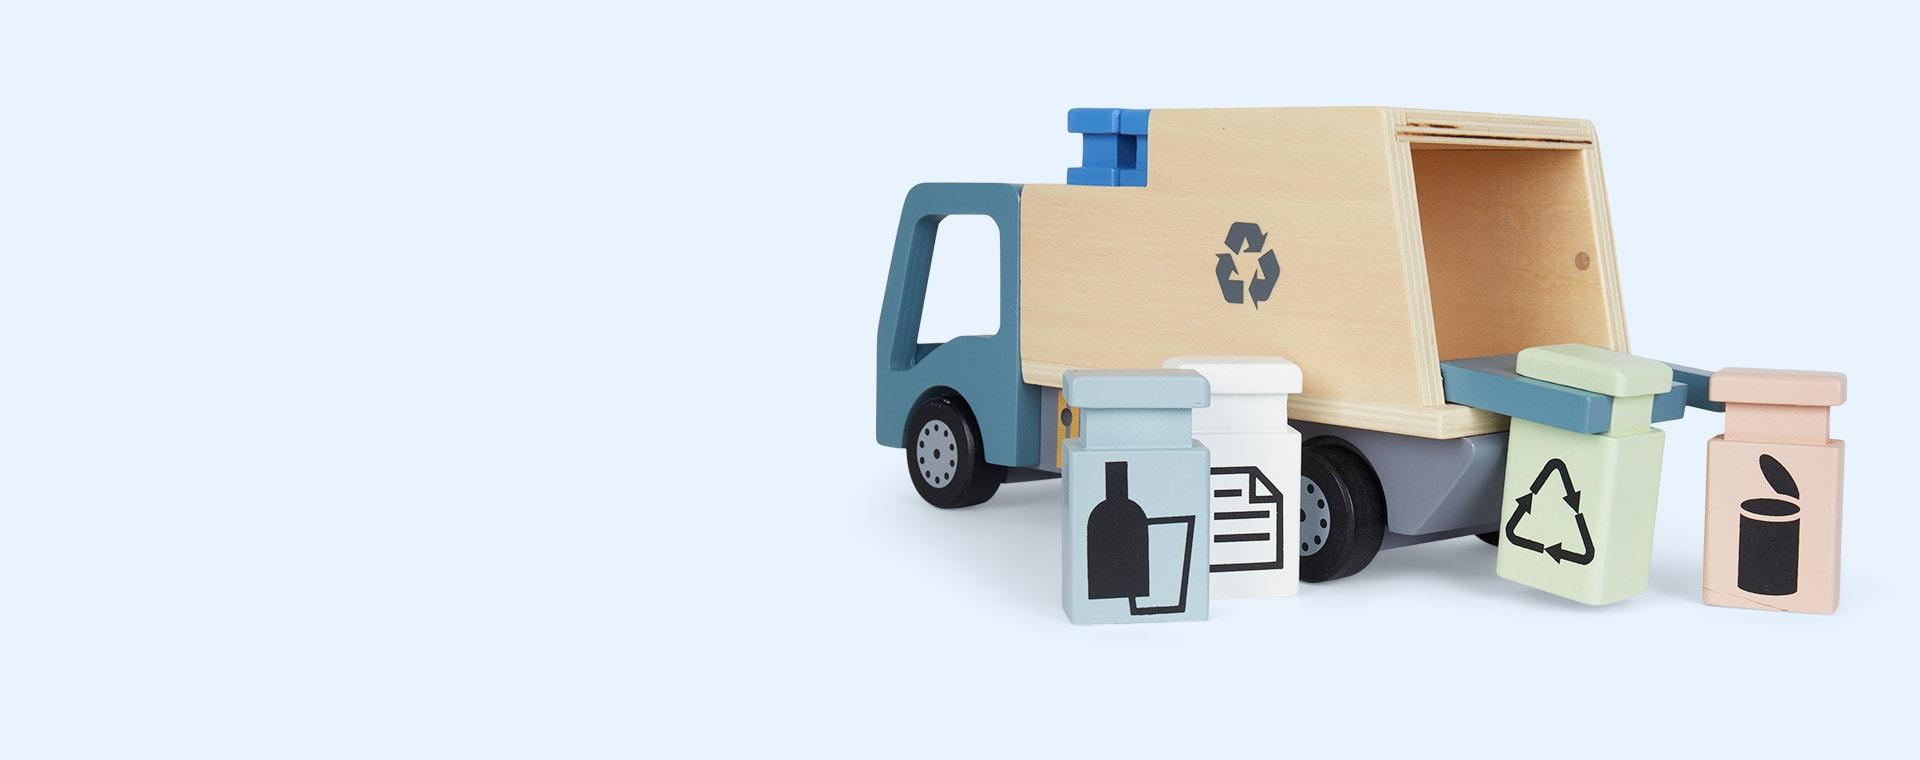 Multi Kid's Concept Rubbish Truck